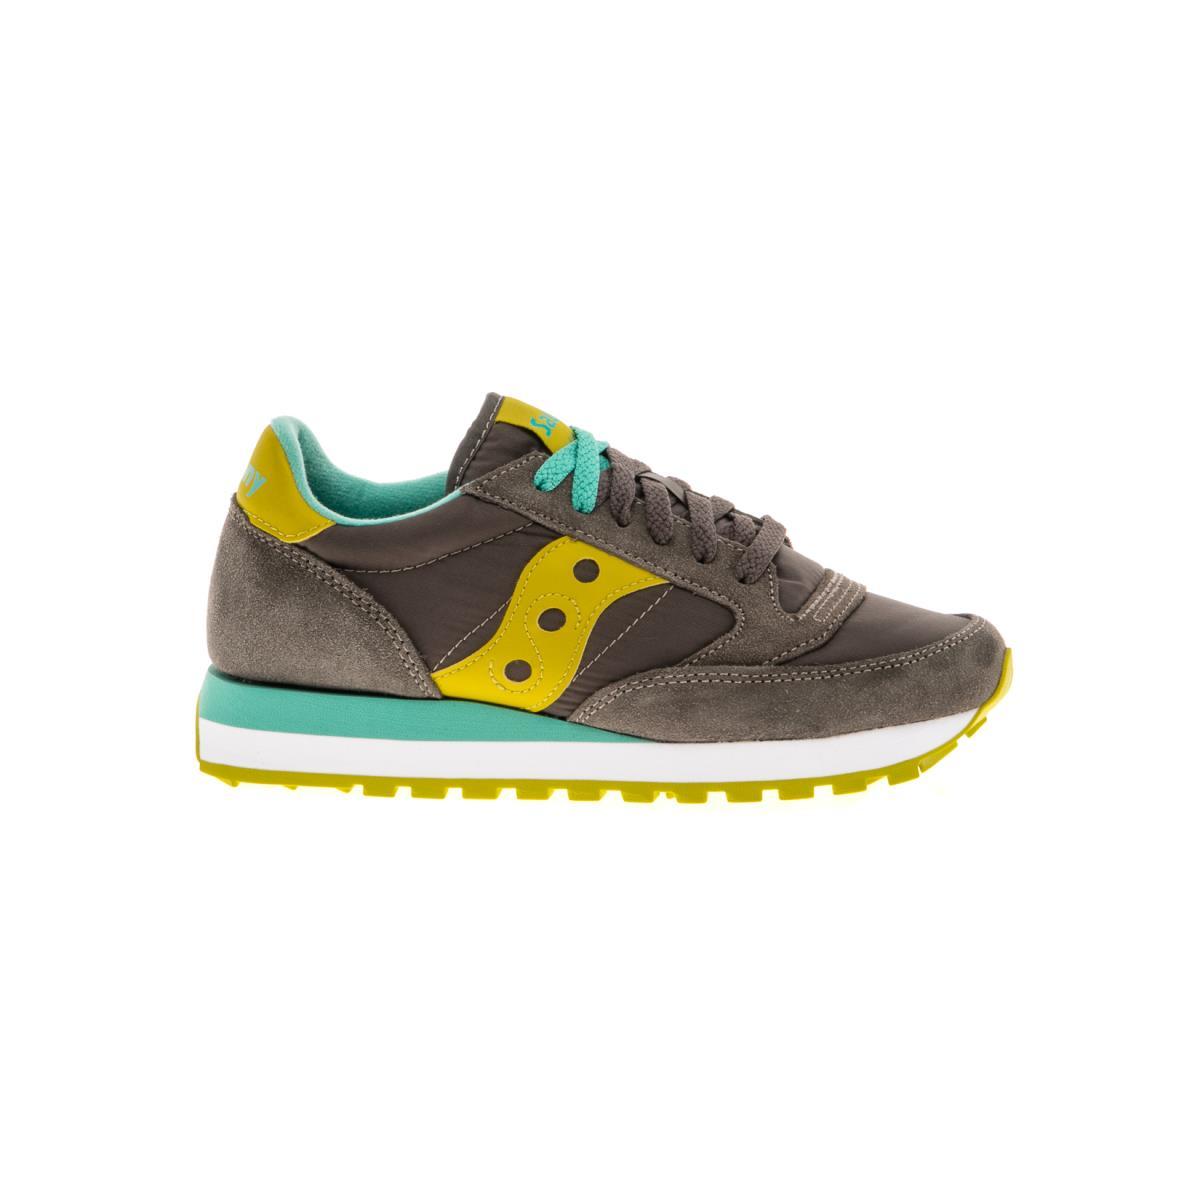 58625ccb54 LOMBARDI CALZATURE SEANO CARMIGNANO PRATO - sneakers-saucony ...